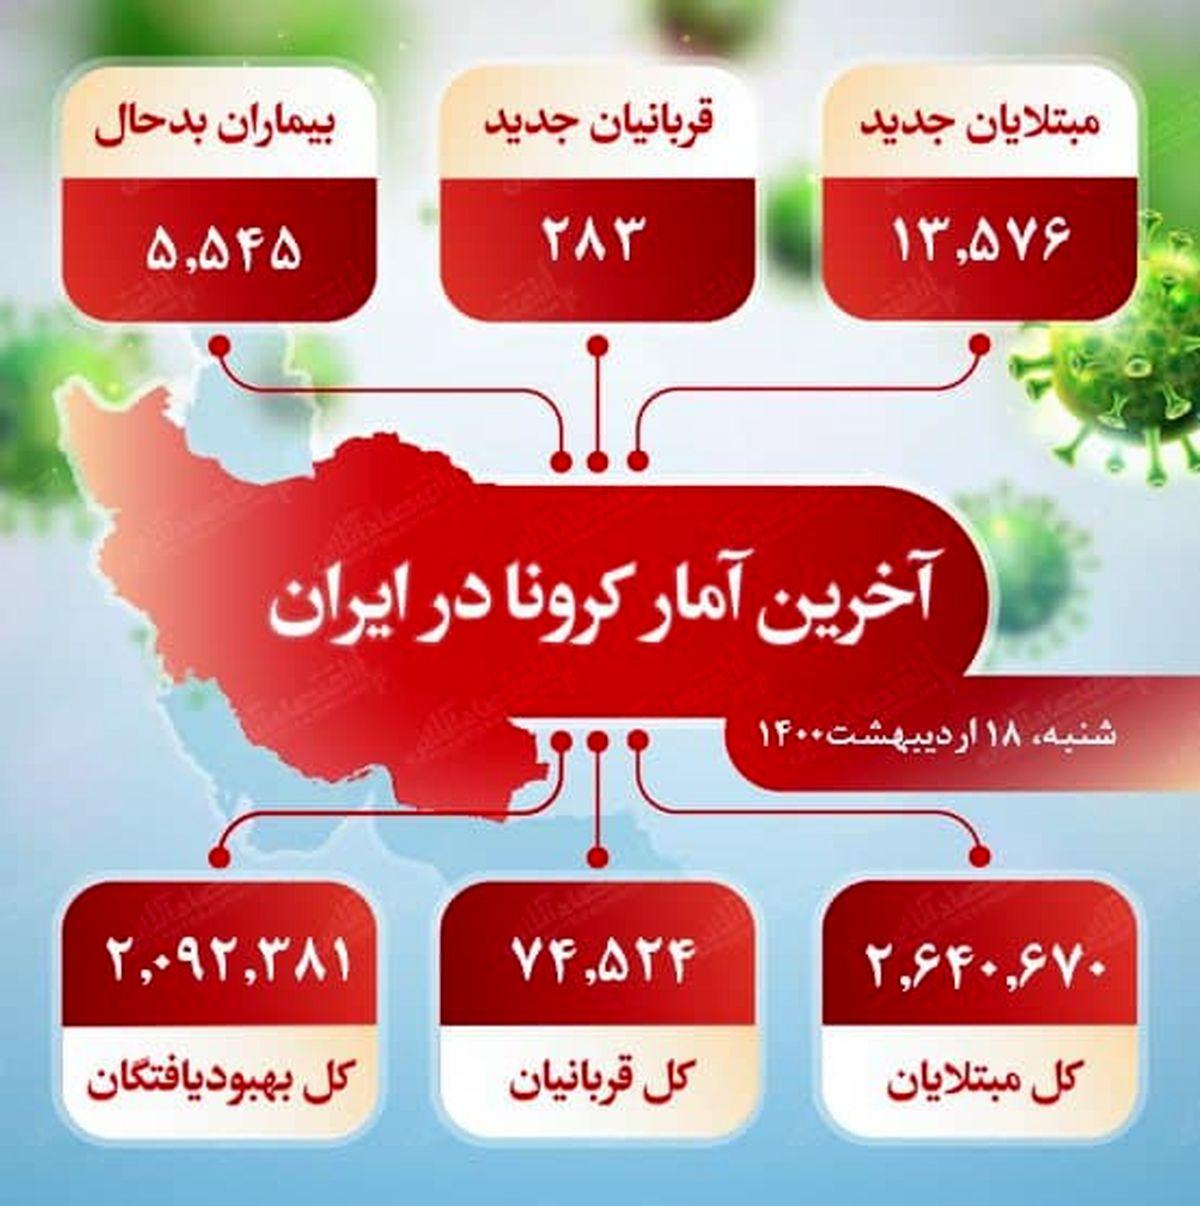 آخرین آمار کرونا در ایران (۱۴۰۰/۲/۱۸)